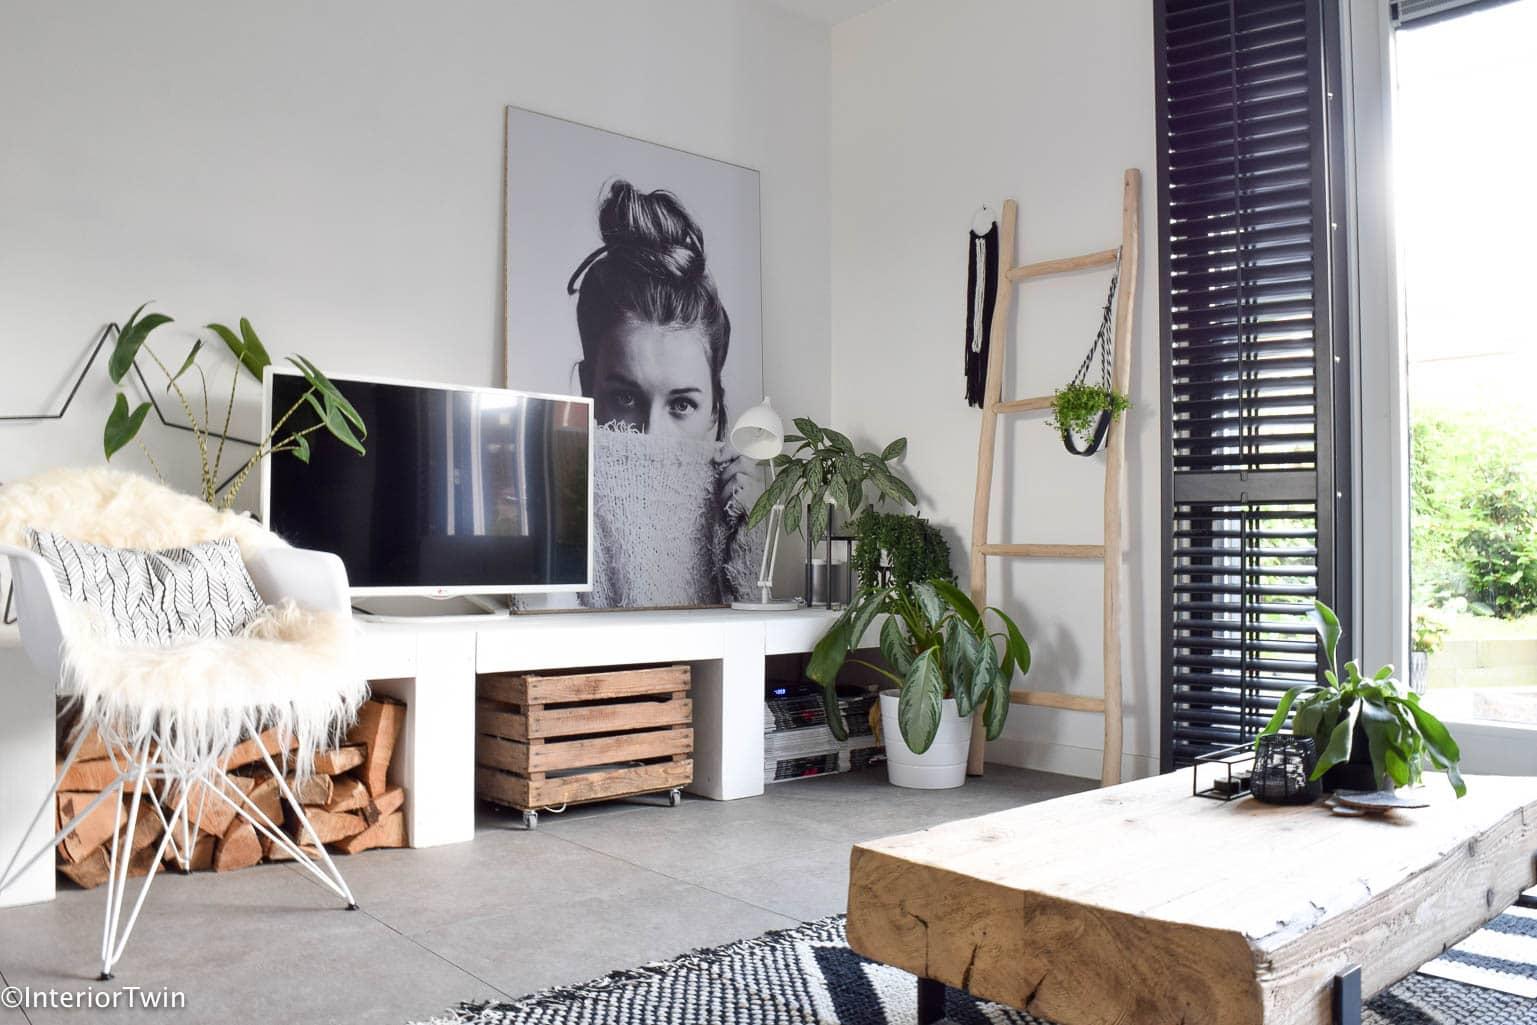 planten in de woonkamer - InteriorTwin